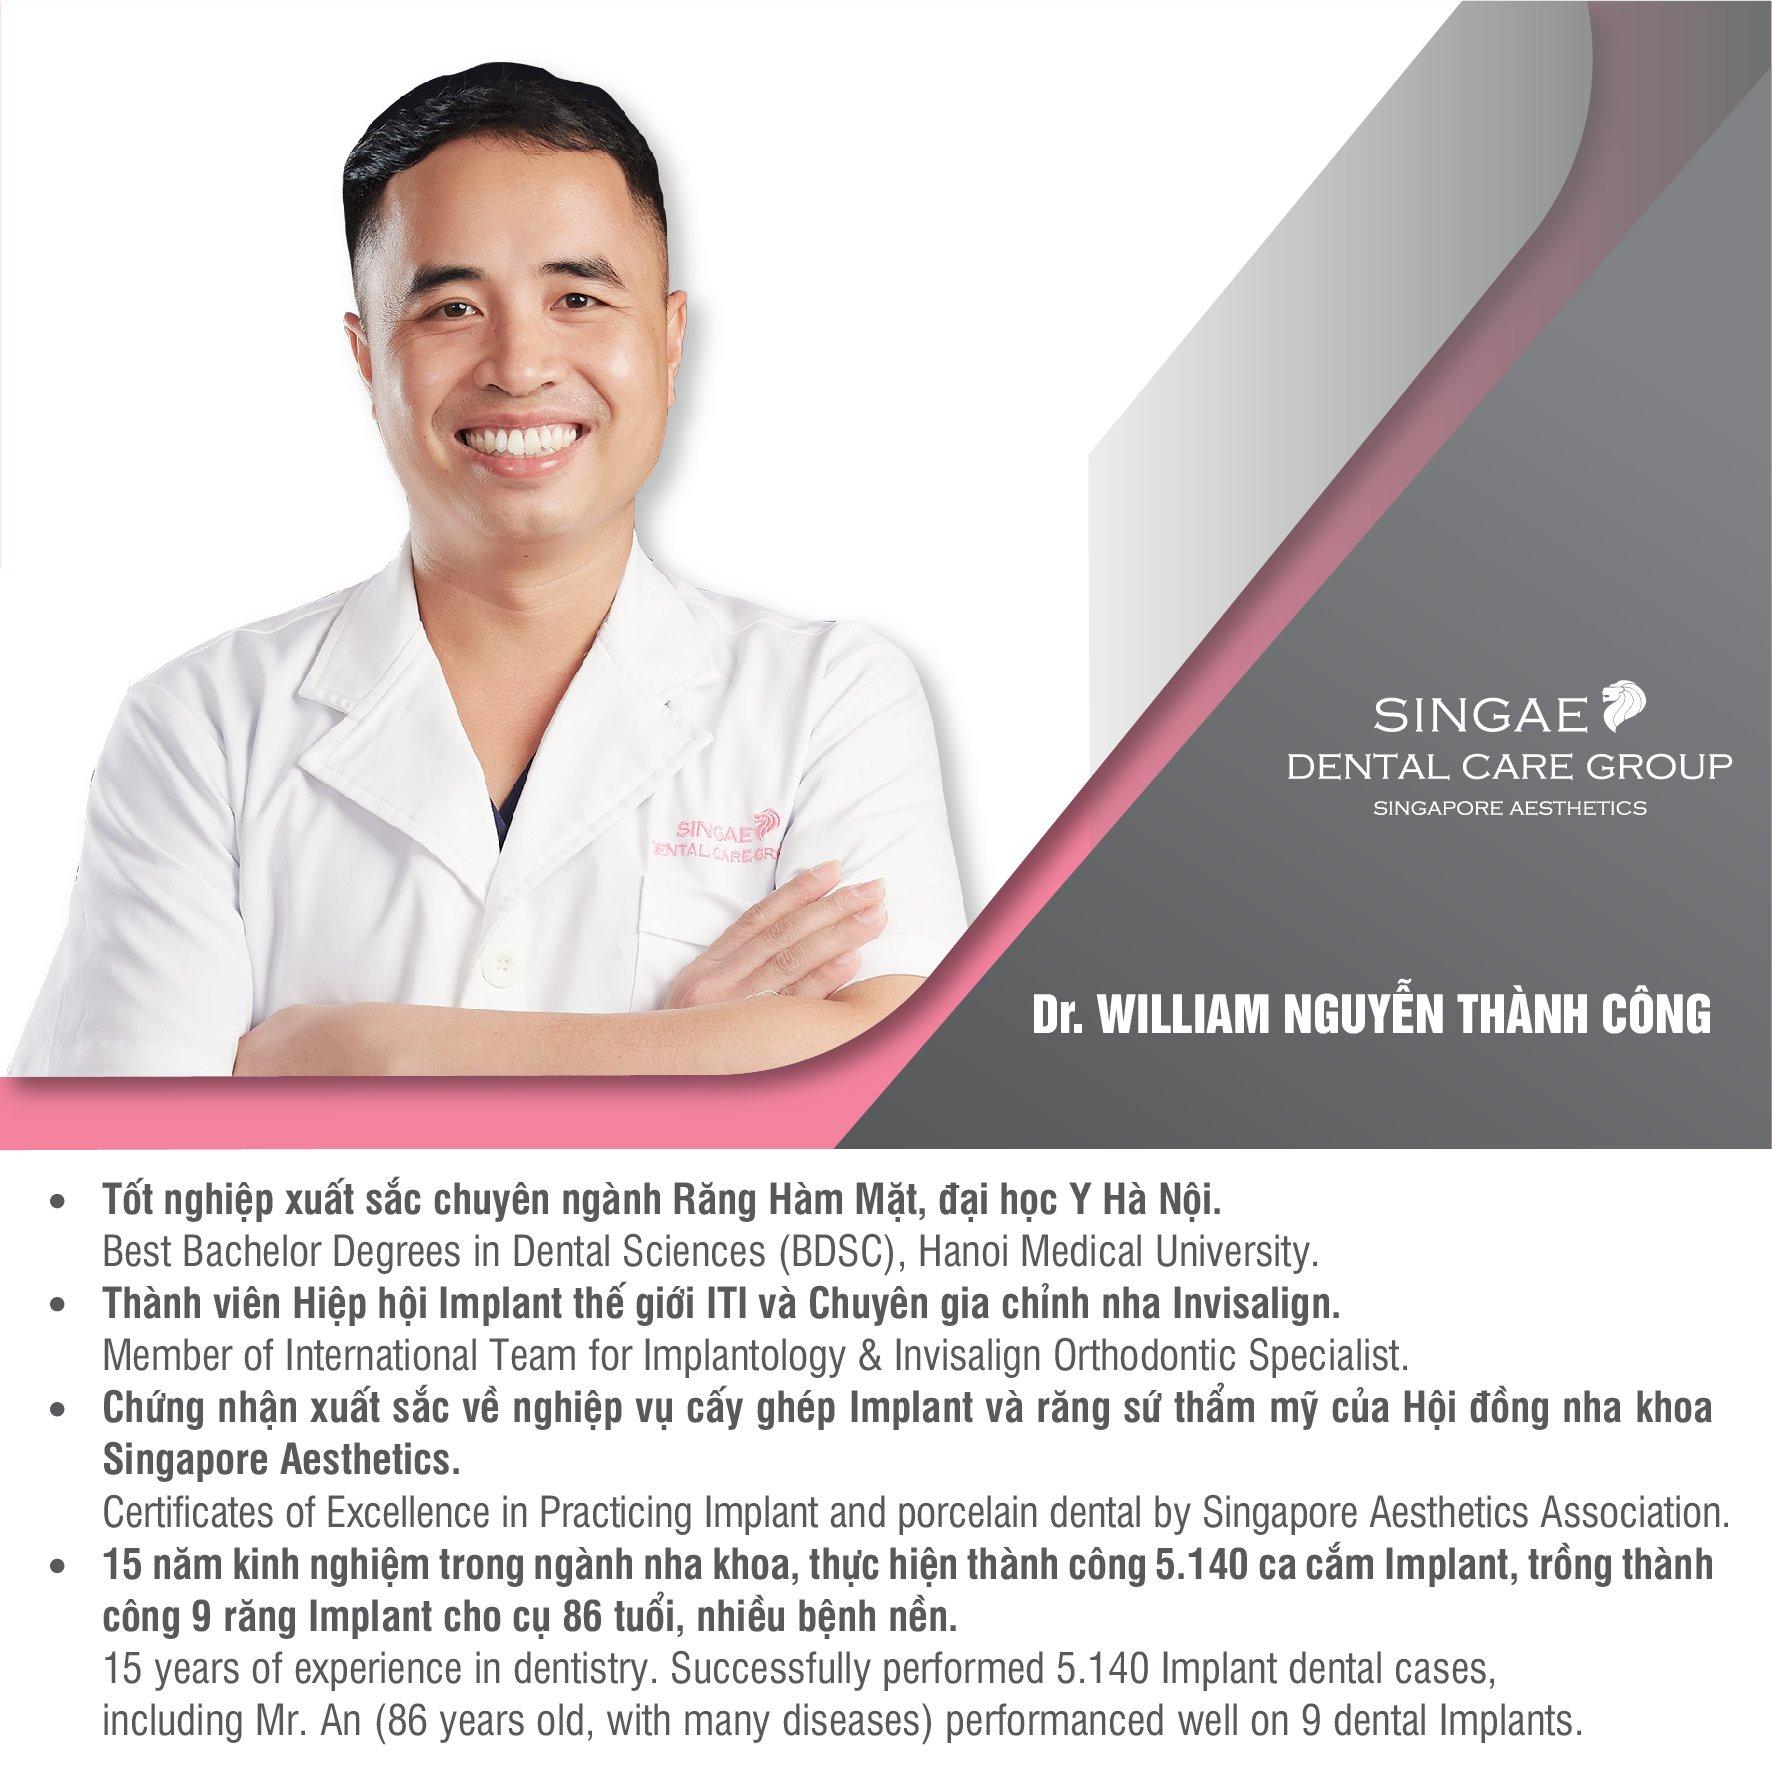 Một trong những bác sĩ nổi tiếng tại Singae